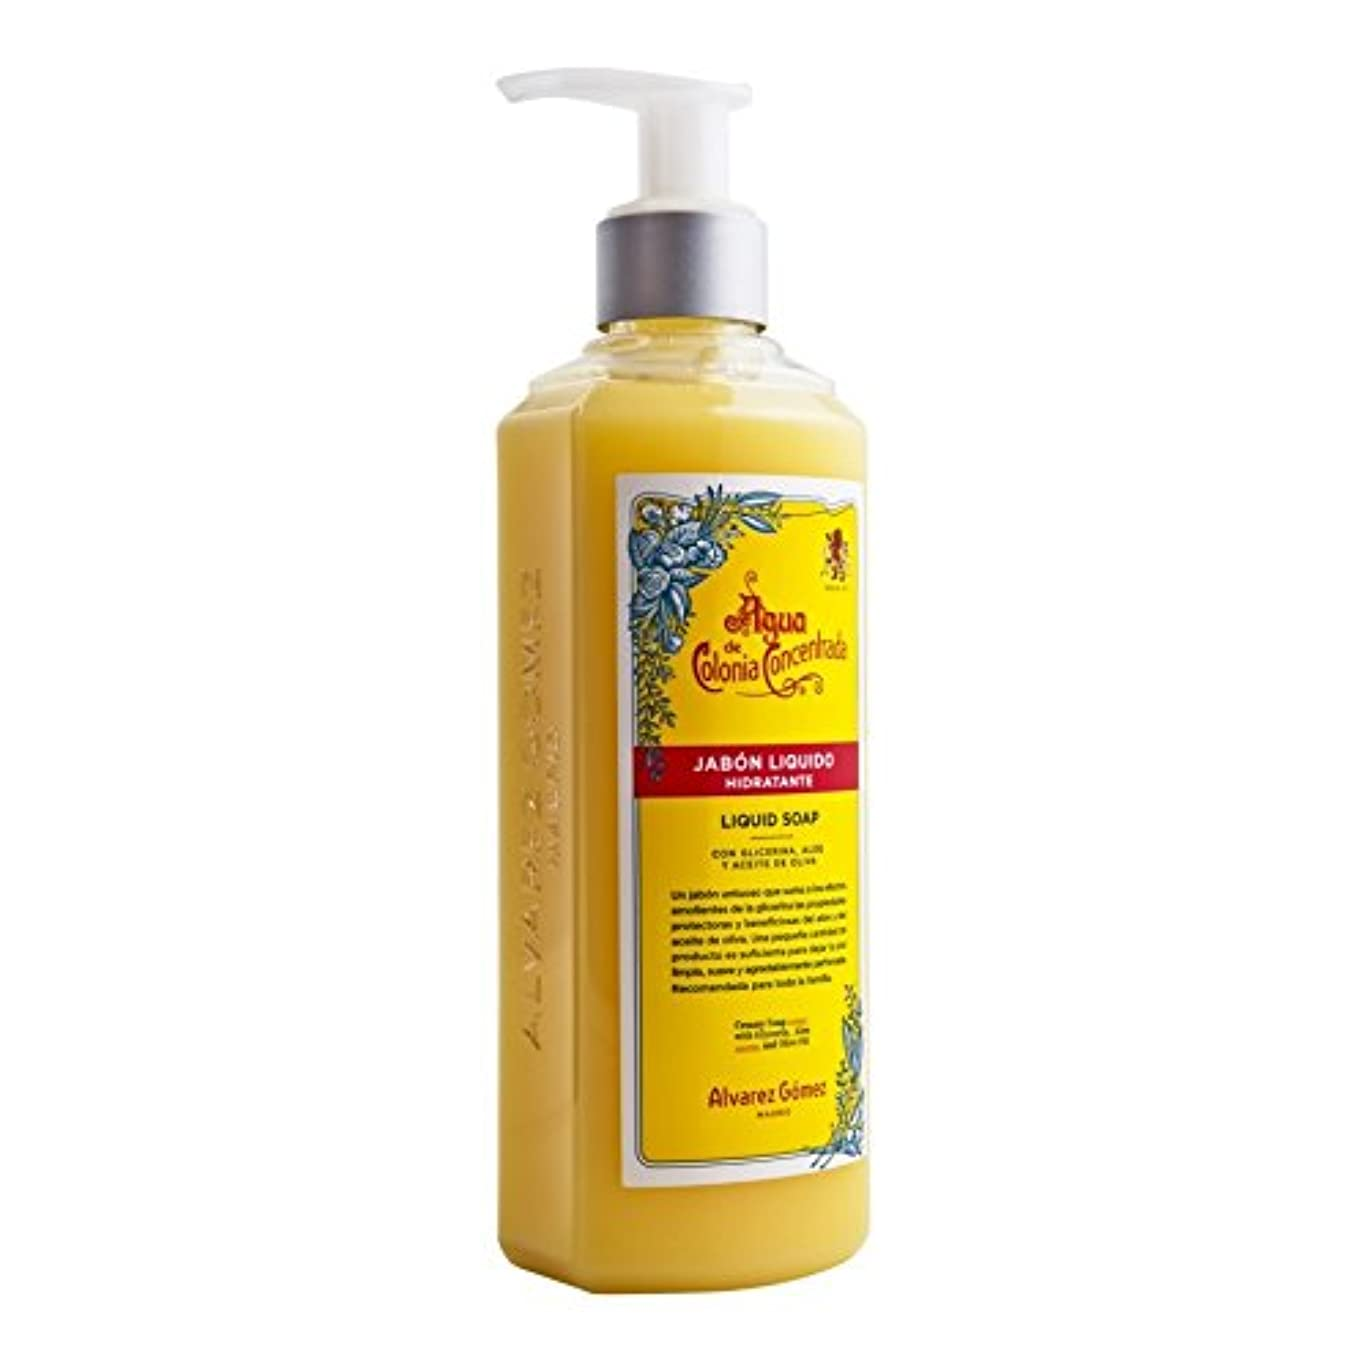 呪い正規化ポーズ?lvarez G?mez Agua de Colonia Concentrada Liquid Soap 300ml - アルバレスゴメスアグアデコロニ液体石鹸300ミリリットル [並行輸入品]